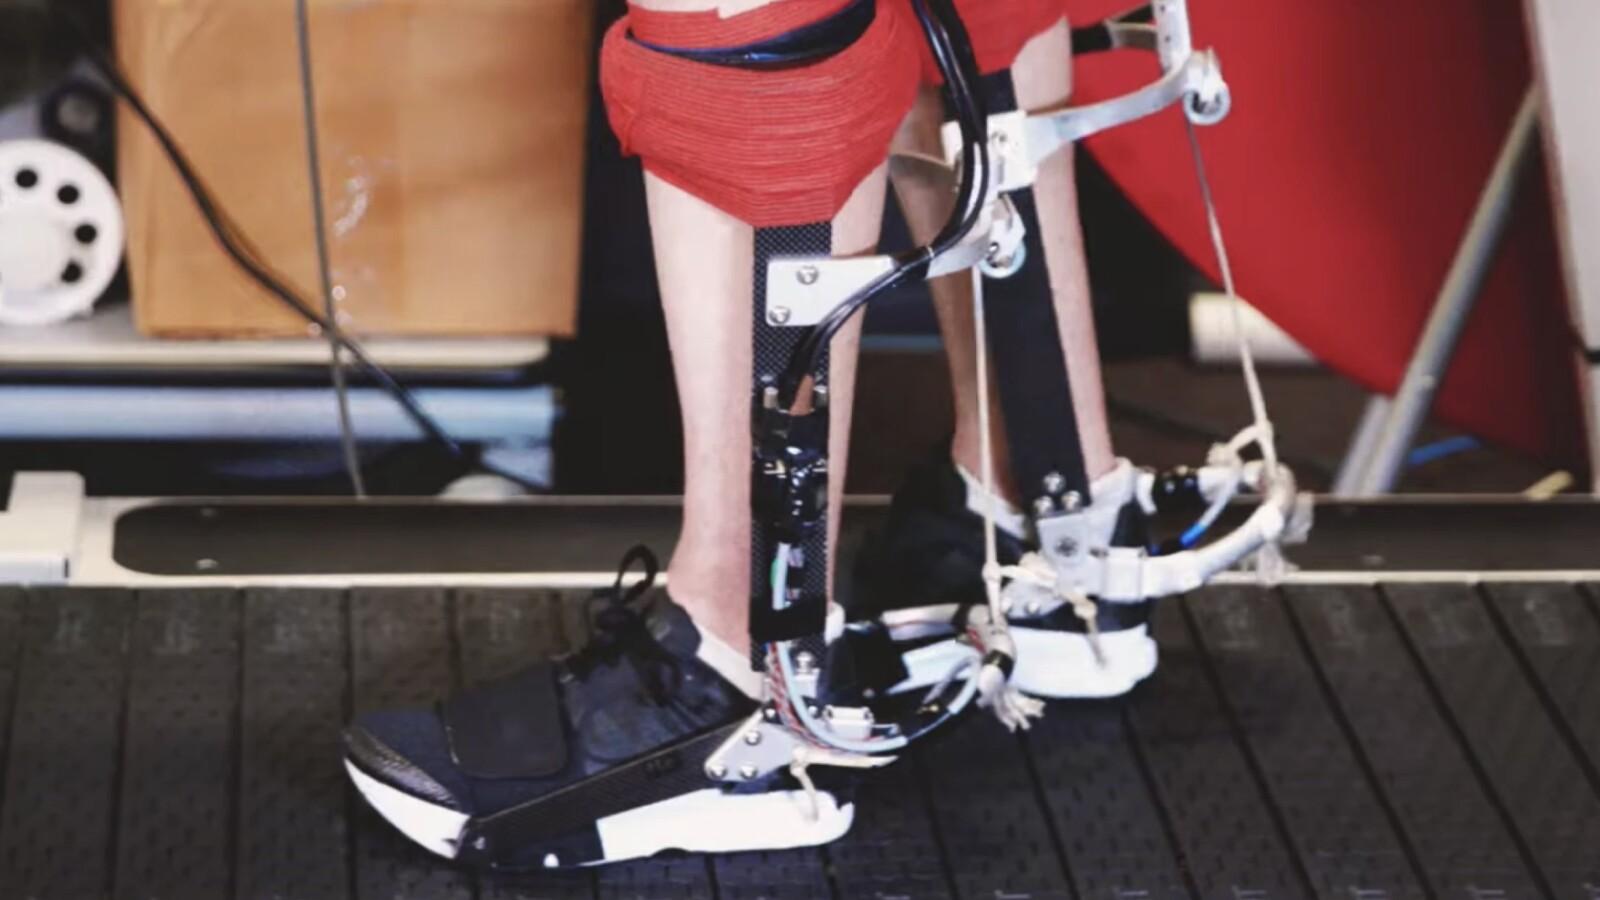 Ein E-Bike für die Füße: Stanford-Erfindung unterstützt aktiv beim Laufen